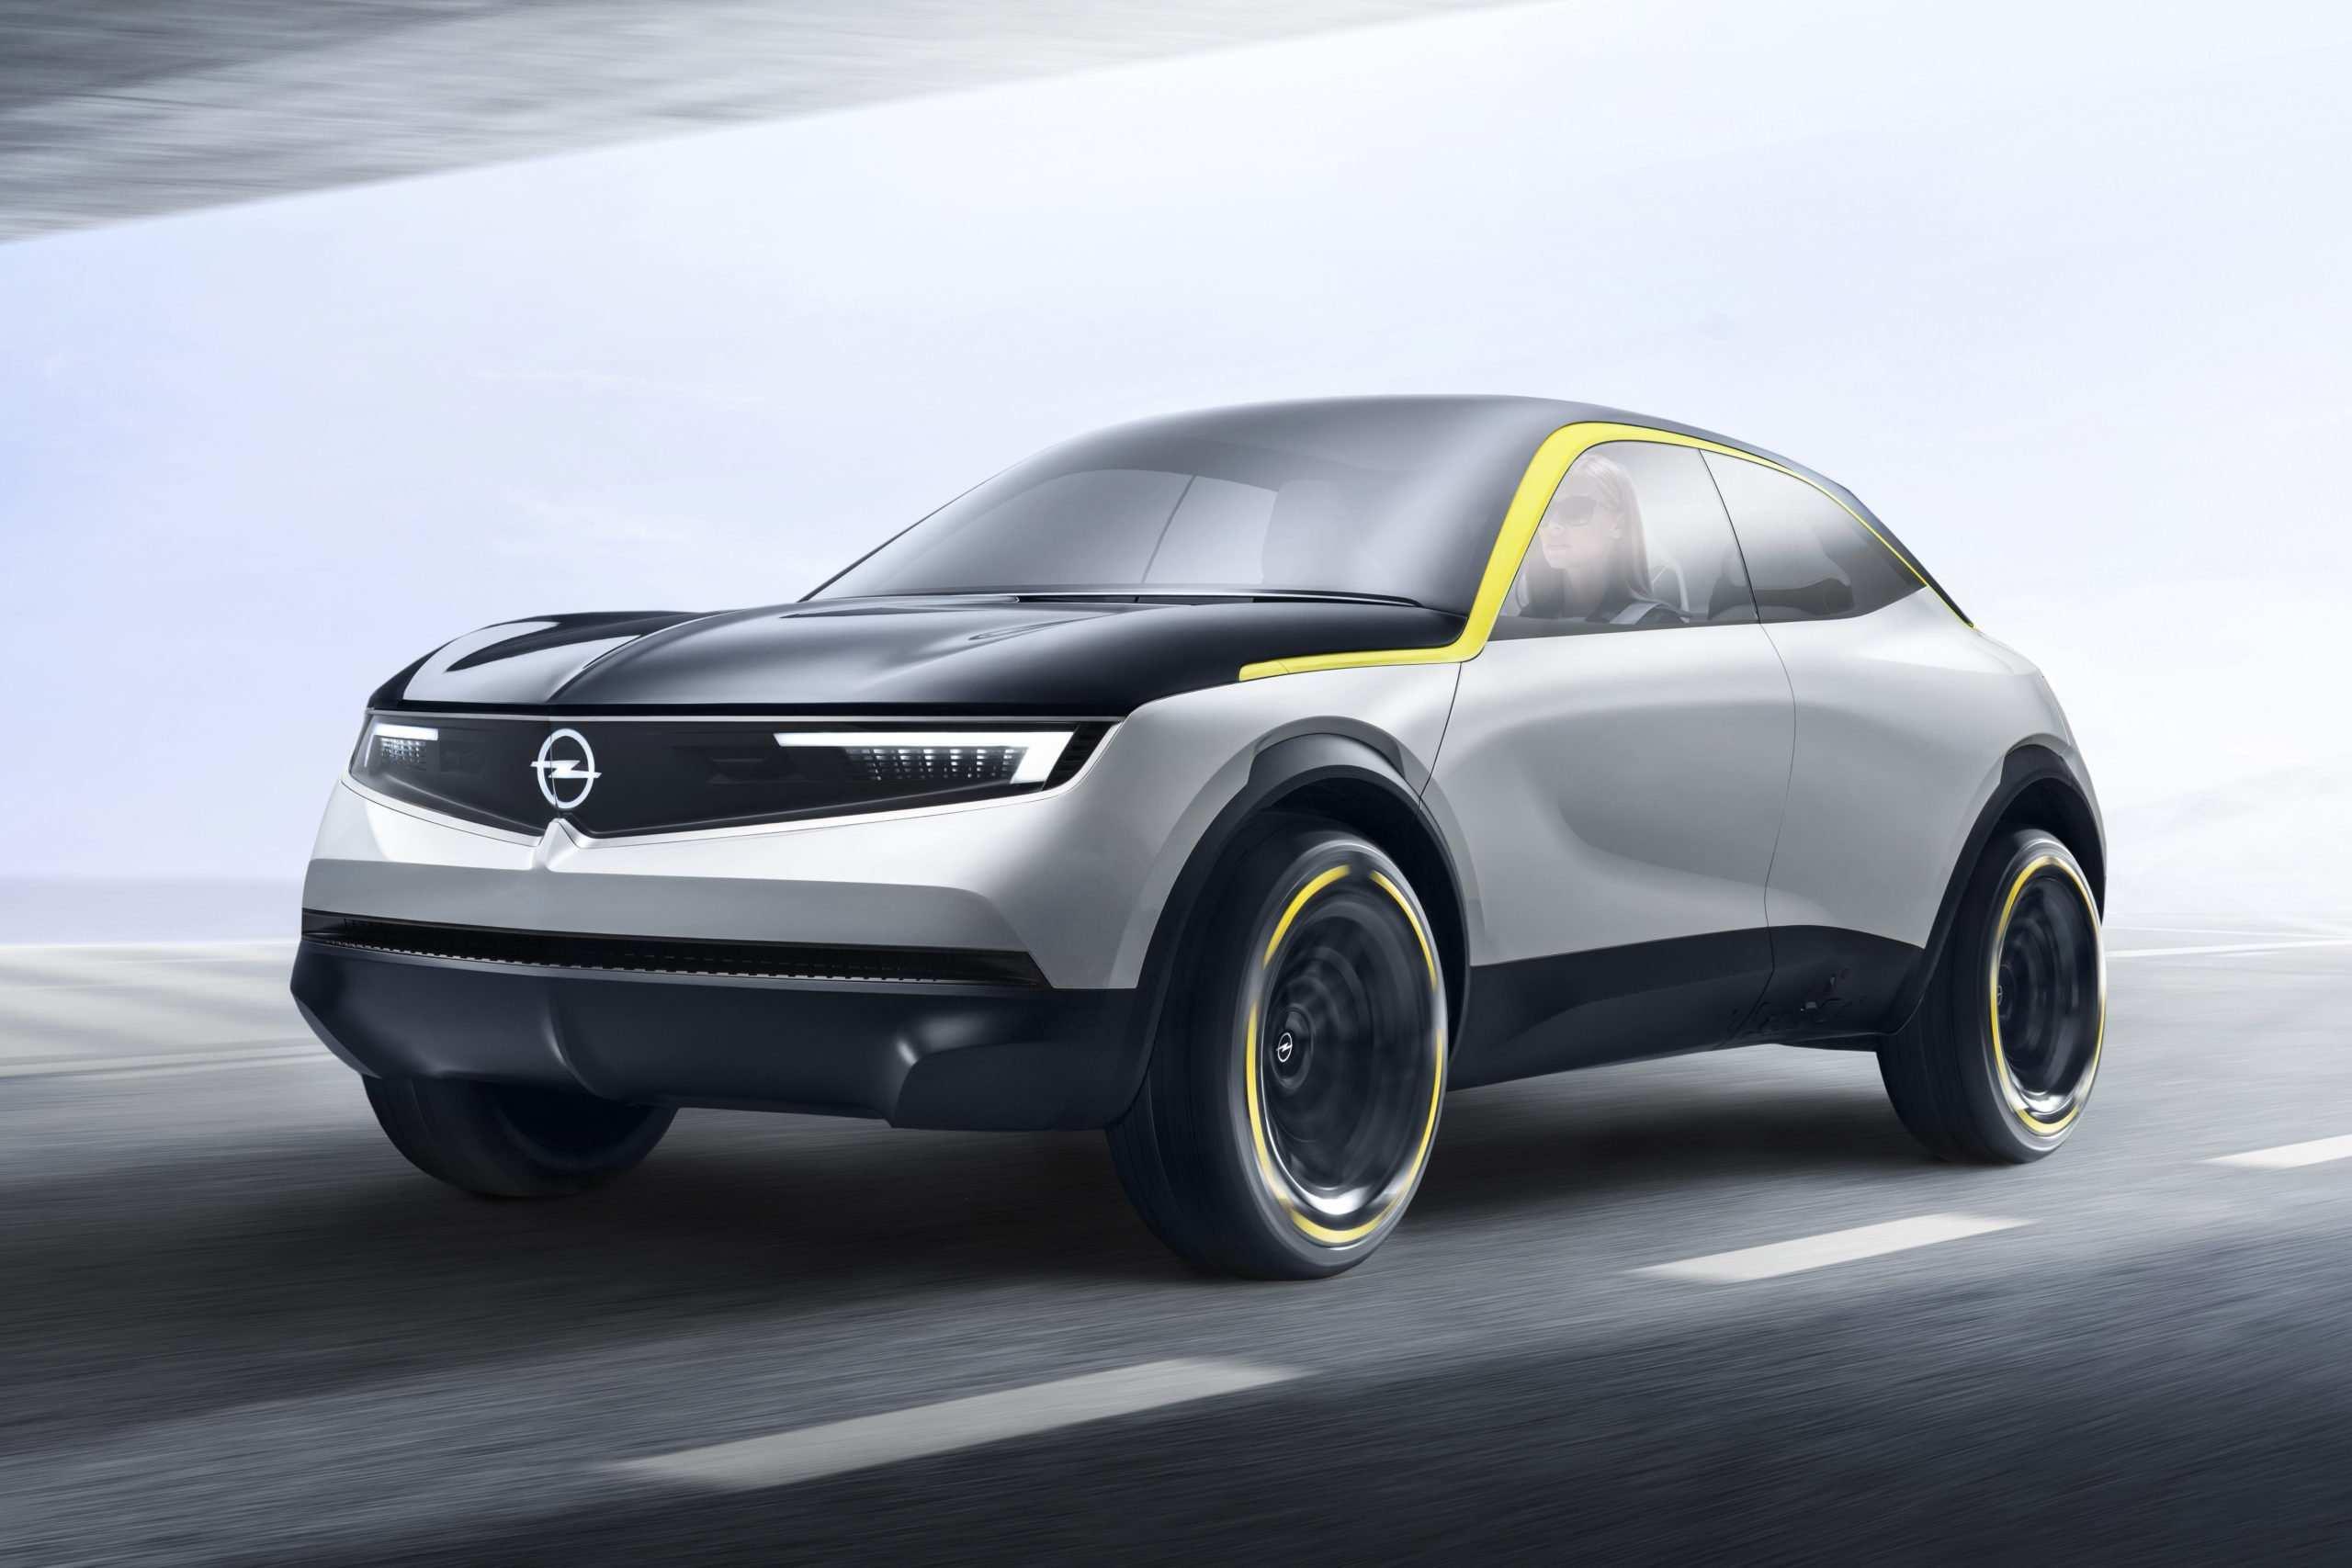 73 Great Opel Nuovi Modelli 2020 Specs for Opel Nuovi Modelli 2020